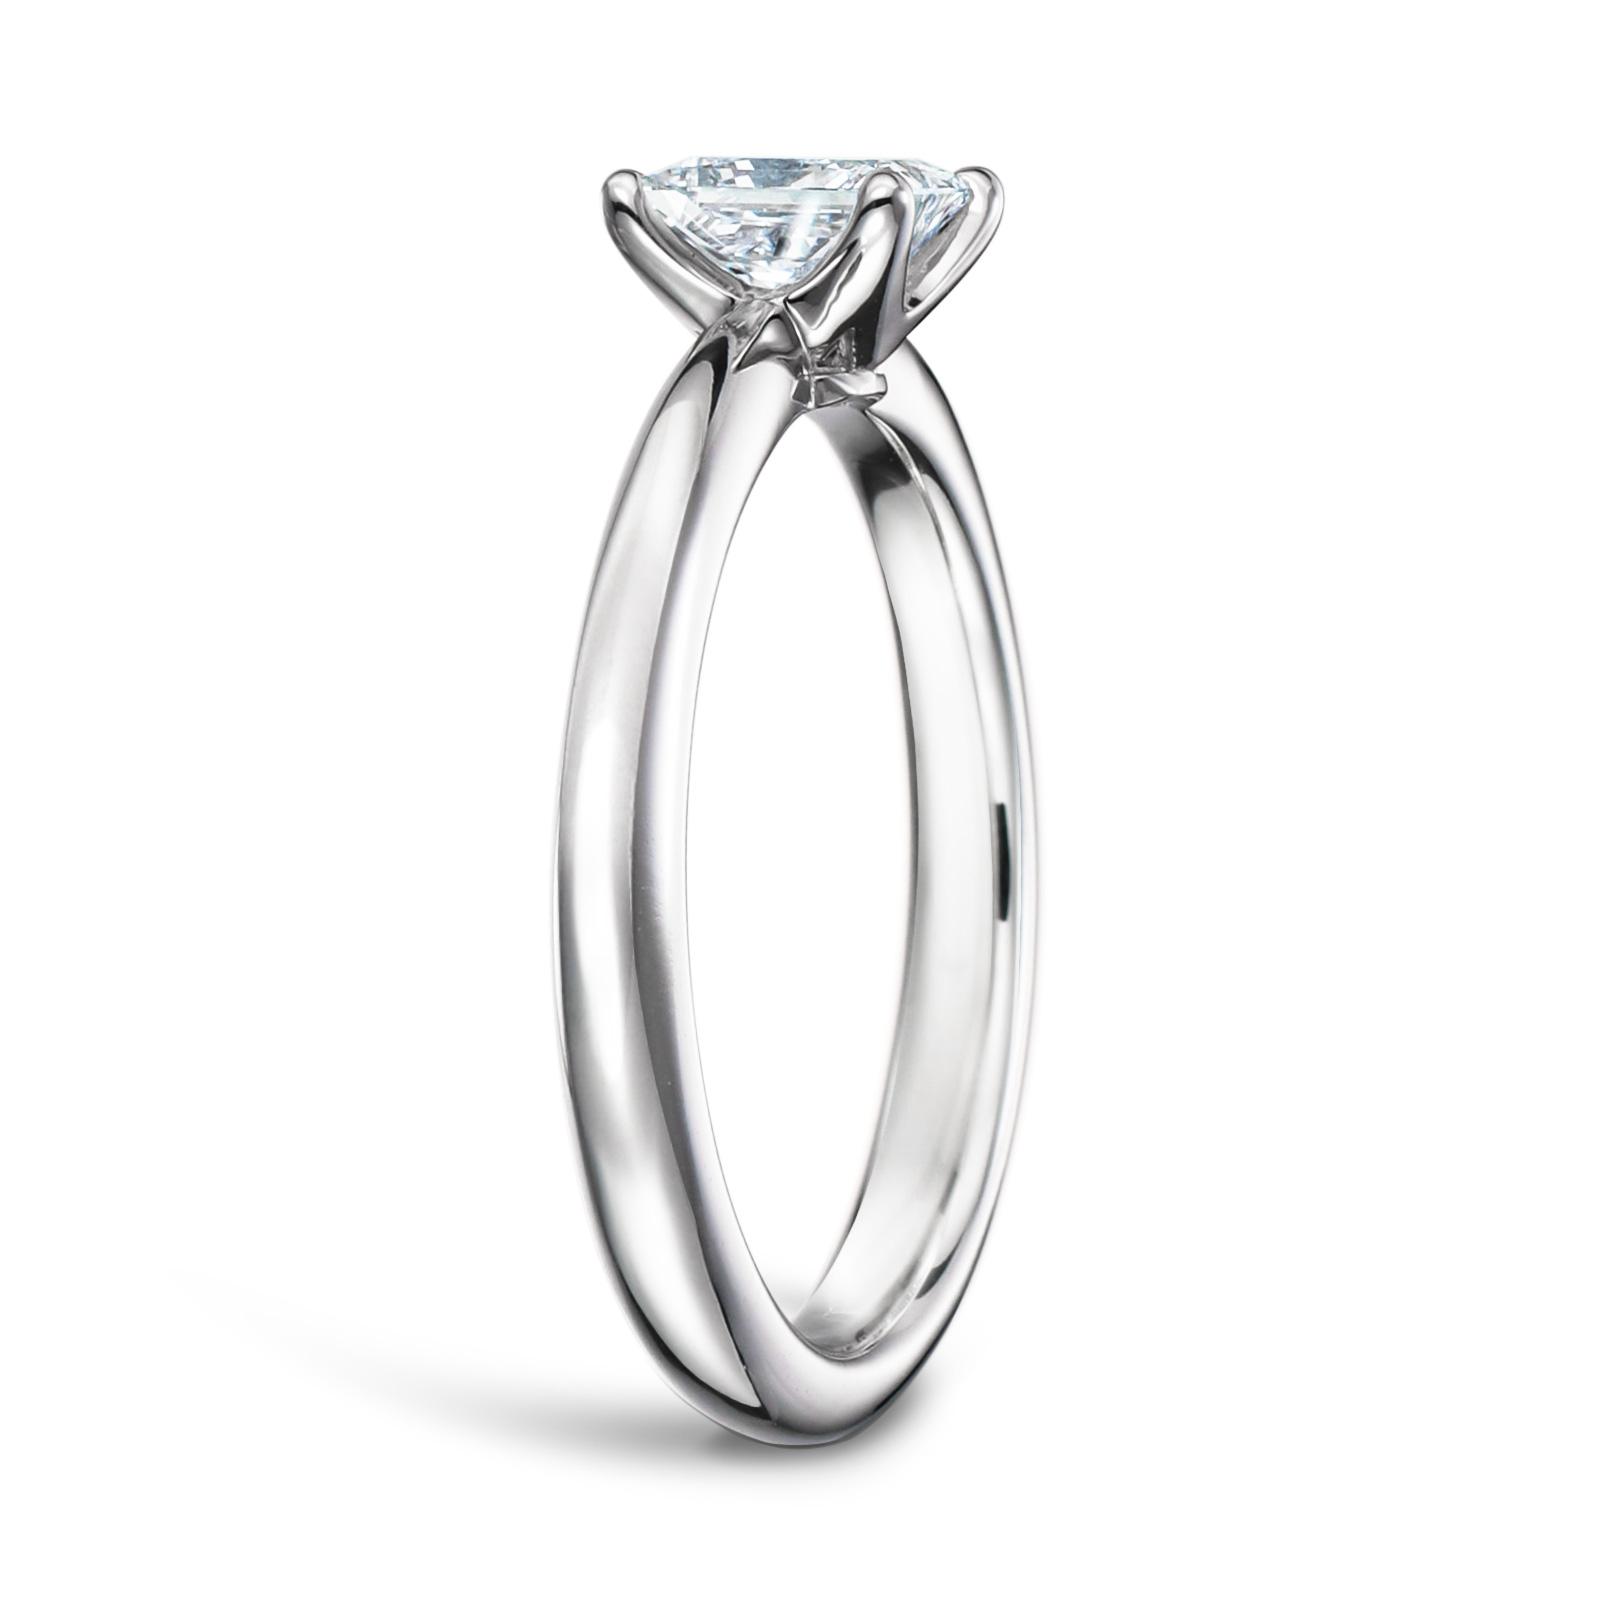 ティファニー 婚約指輪 プリンセスカット